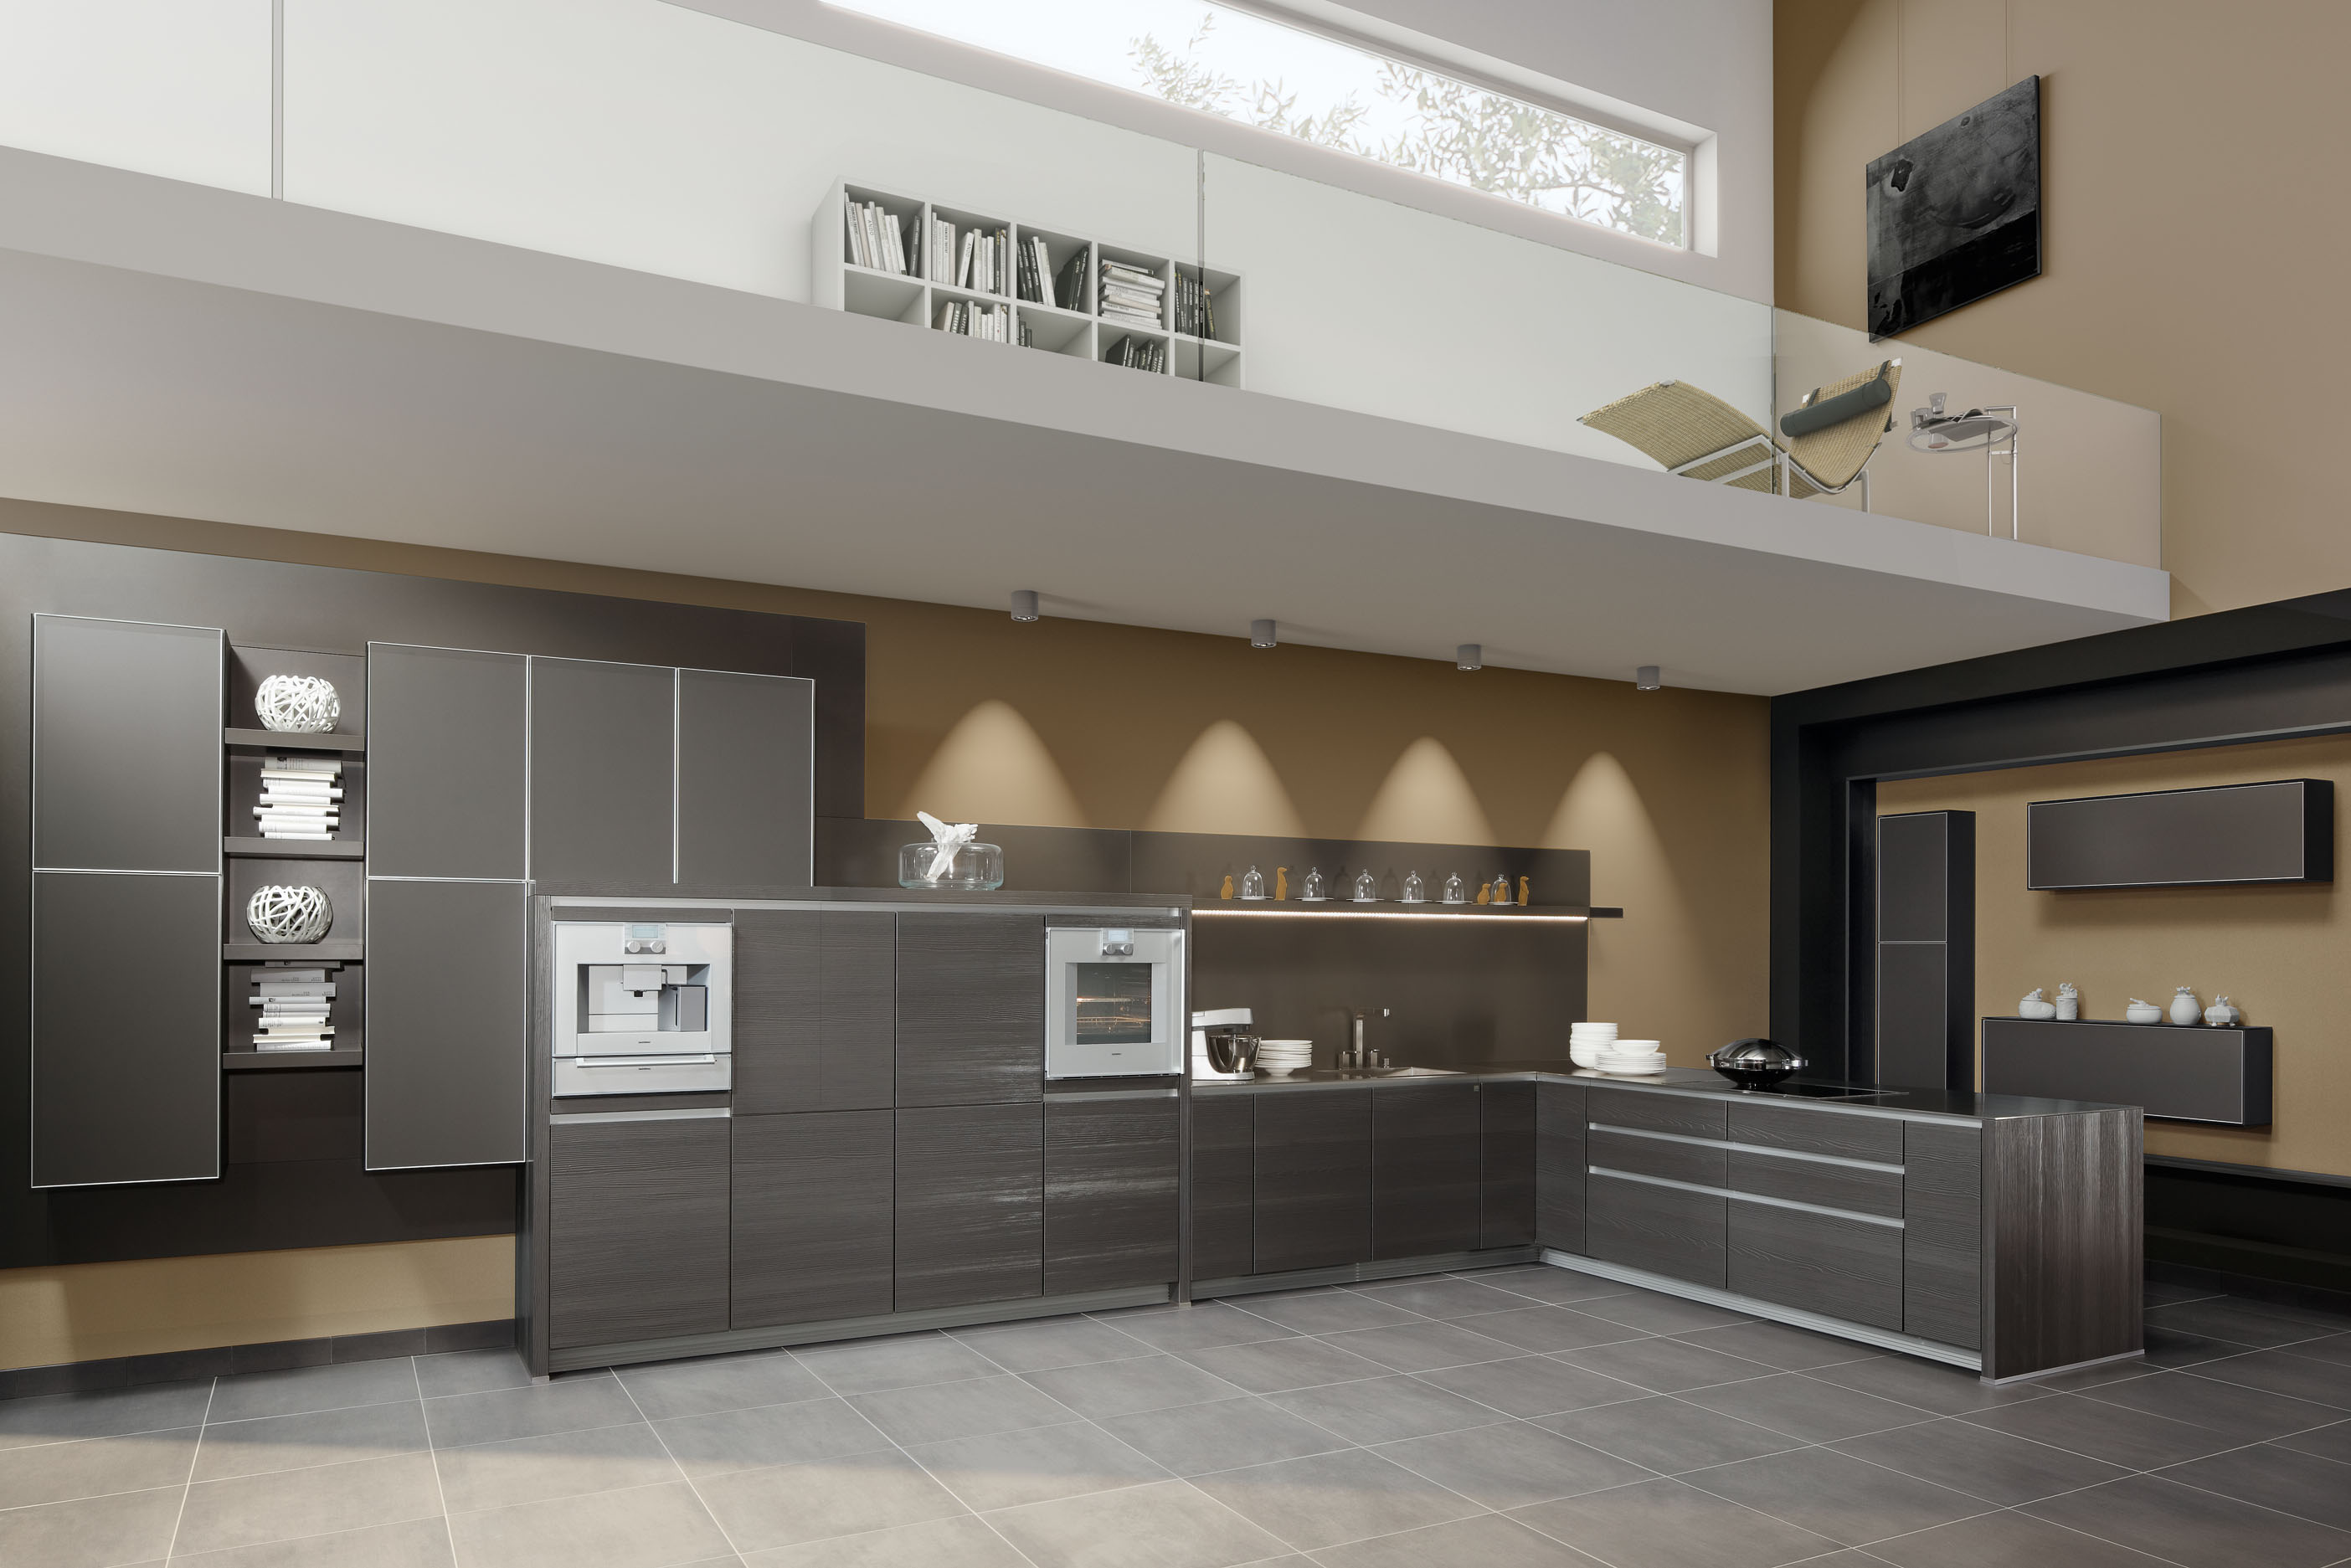 Moderne Keukens Belgie : De designkeukens van zeyko nieuws startpagina voor keuken ideeën